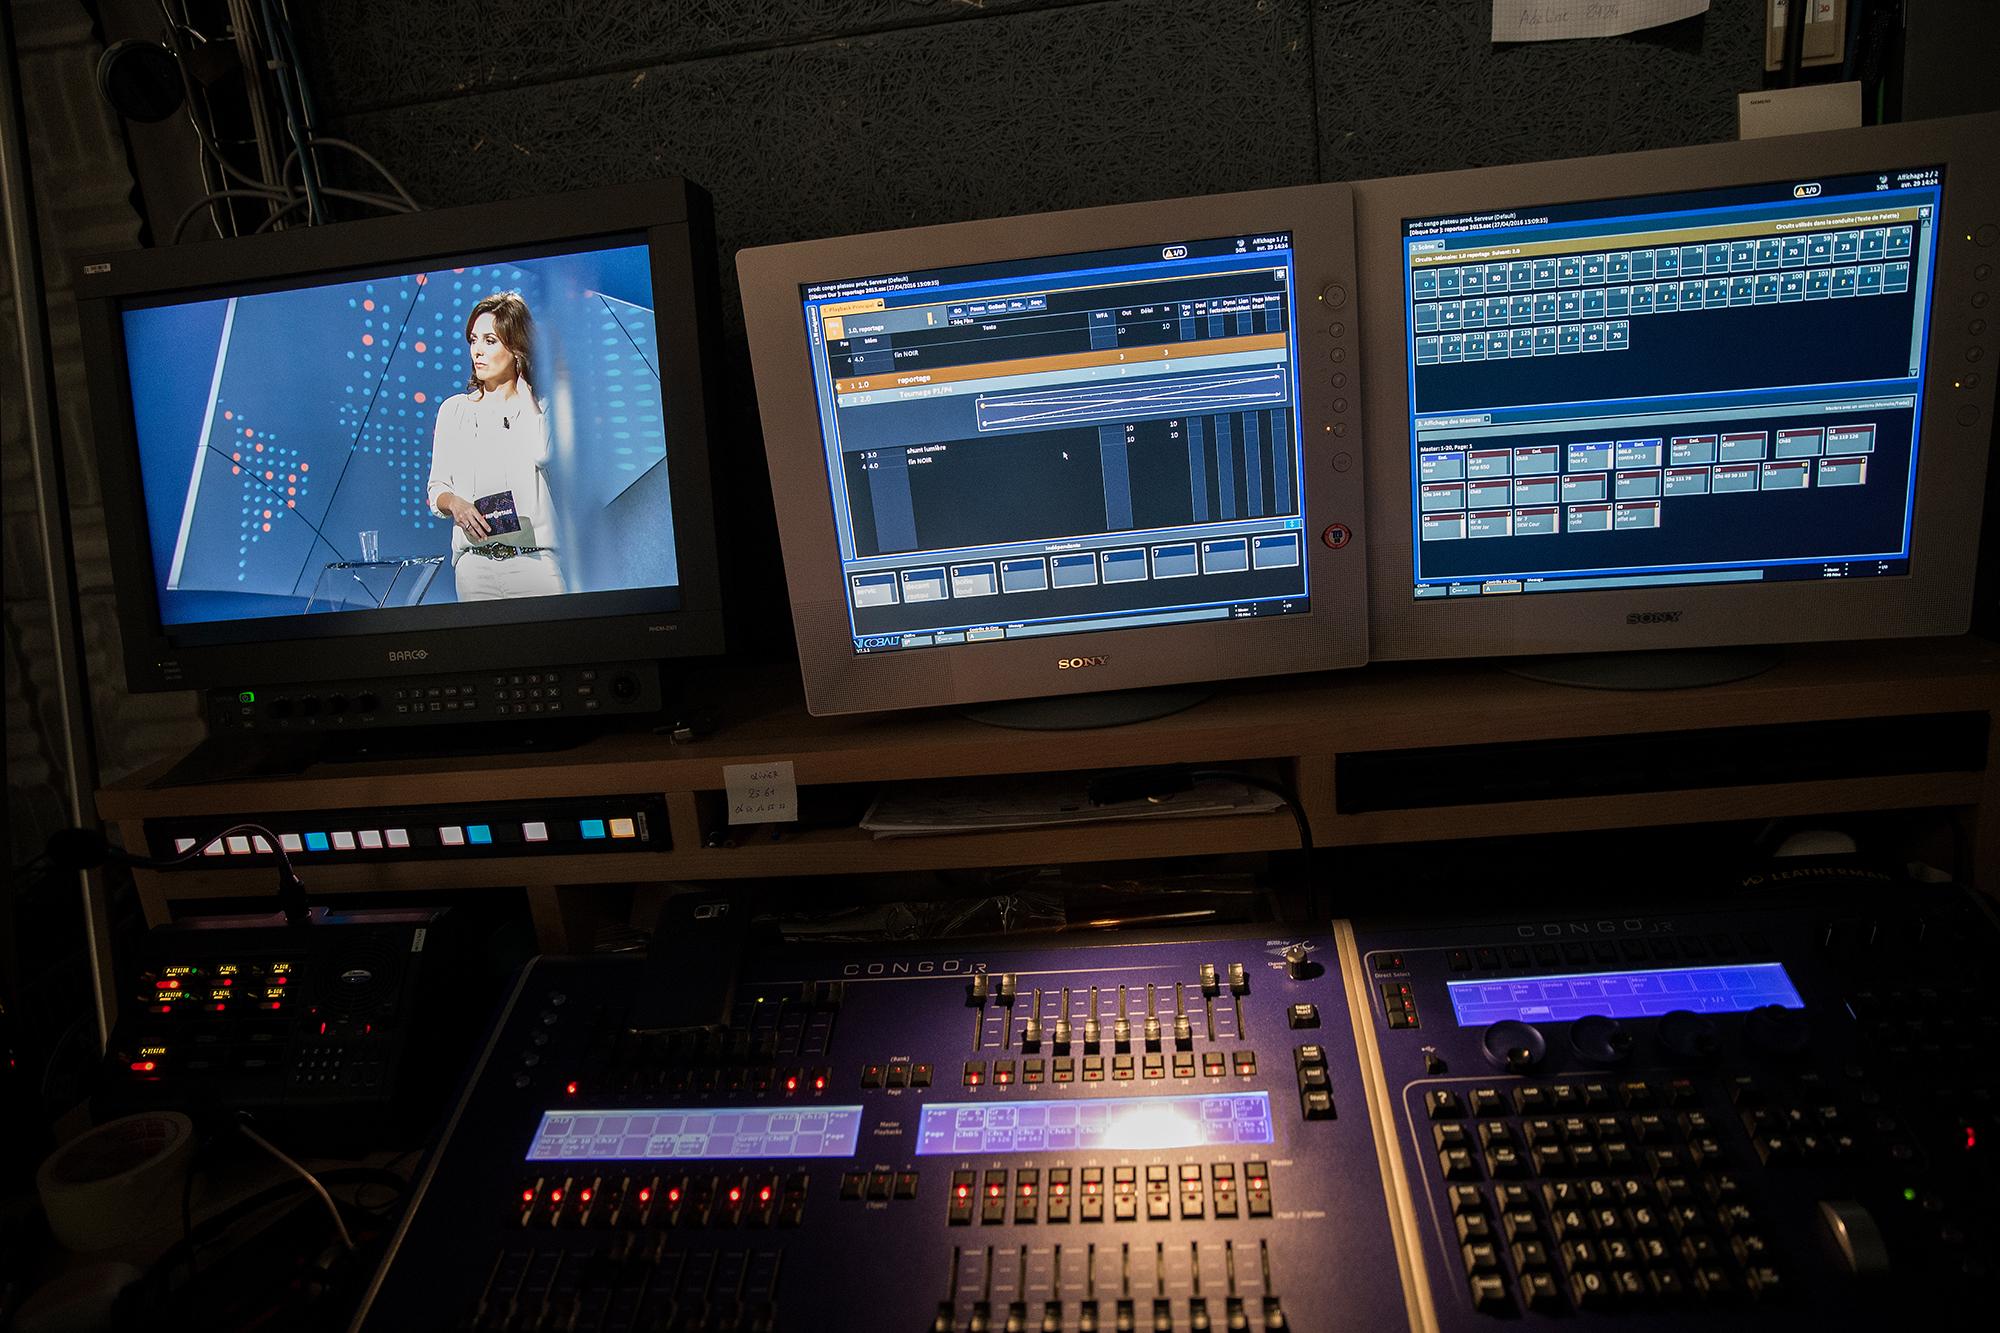 FOTO: TAGESWOCHE/STEFAN BOHRER - 29.4.16 - STRASBOURG/FR: BESUCH BEIM TV SENDER ARTE IN STRASBOURG - ANDREA FIES AN EINER ANMODERATION IM STUDIO.